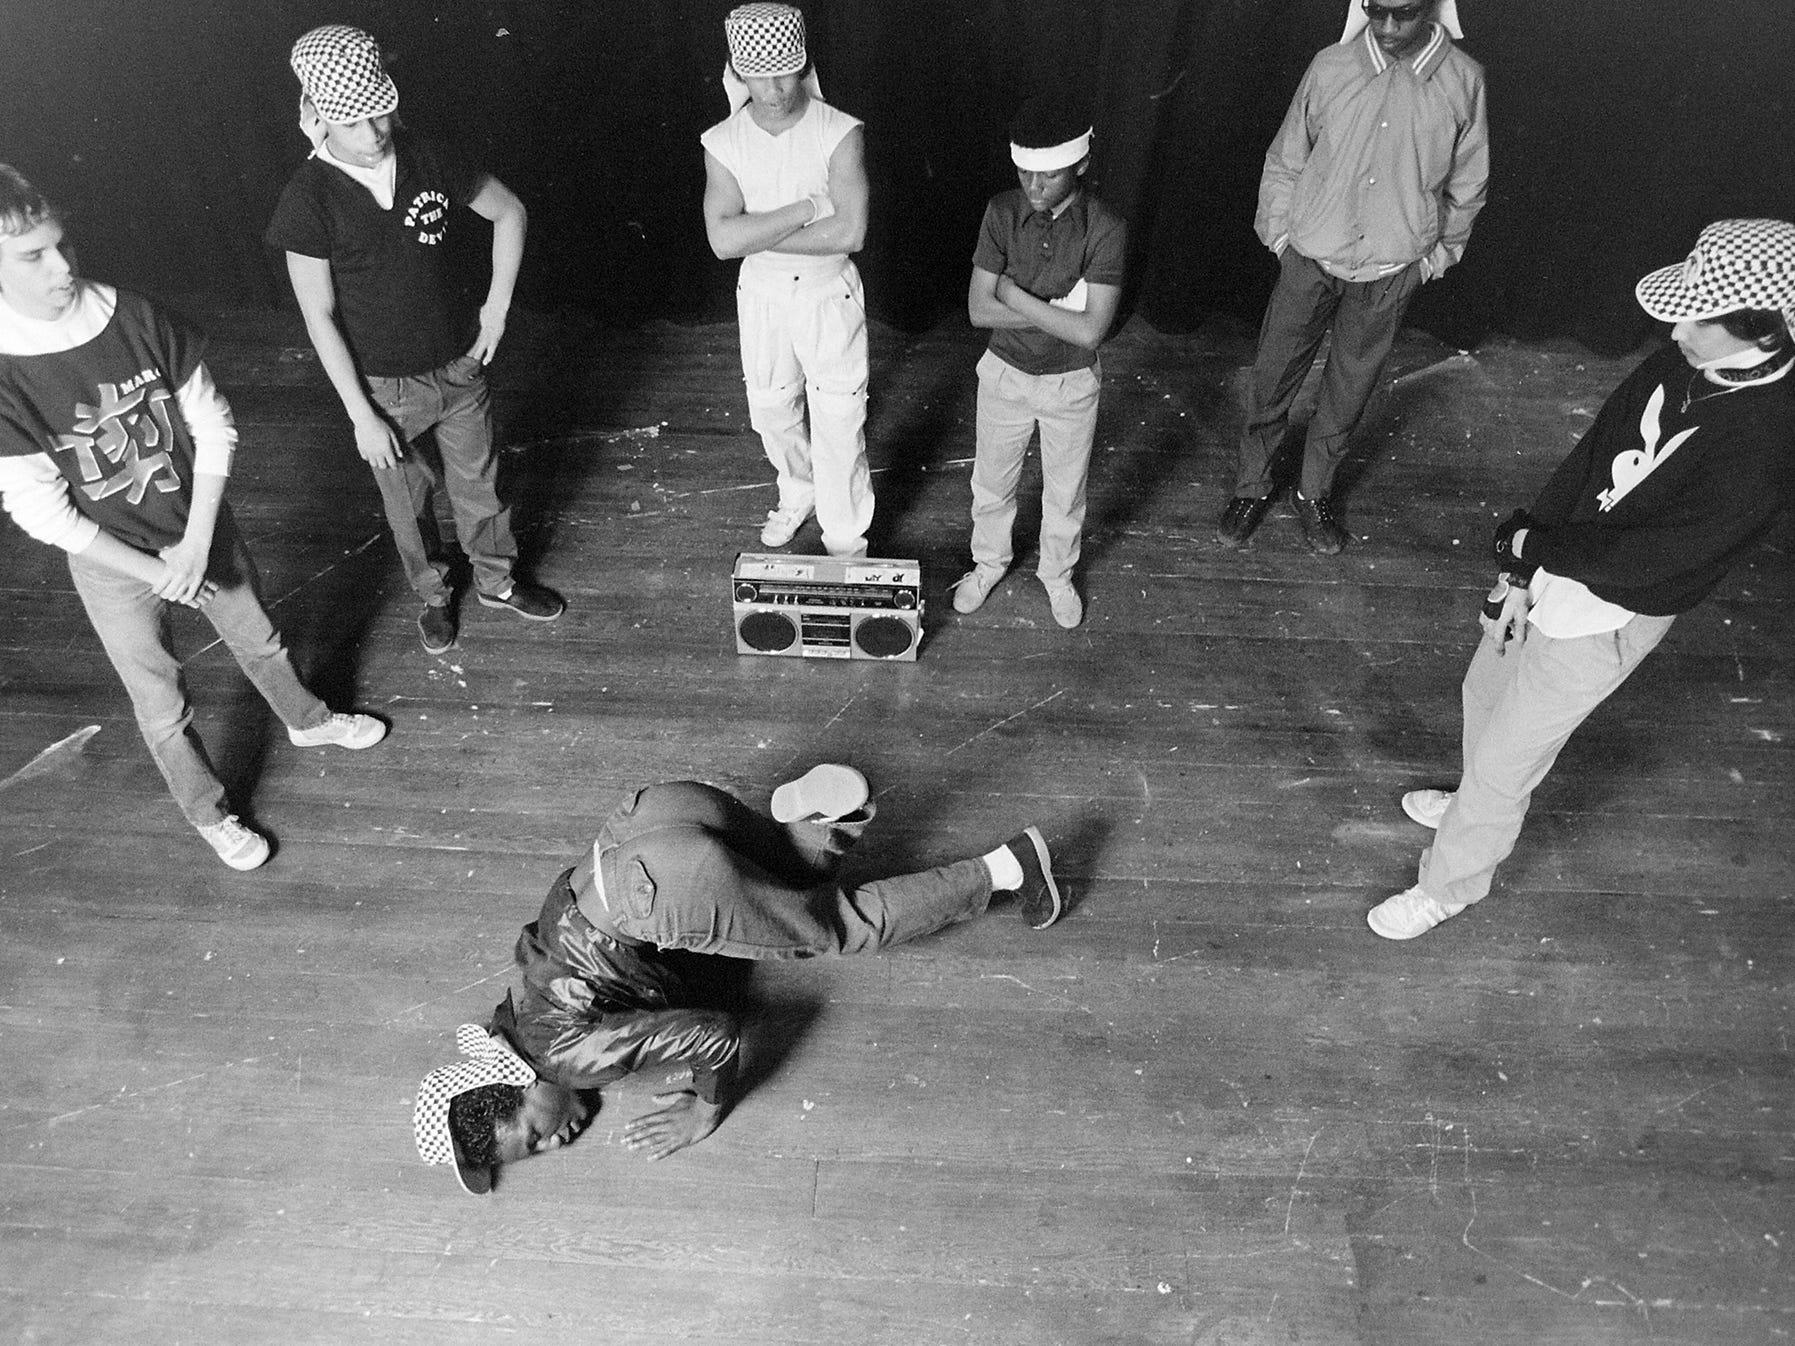 03/23/84Breakdancers